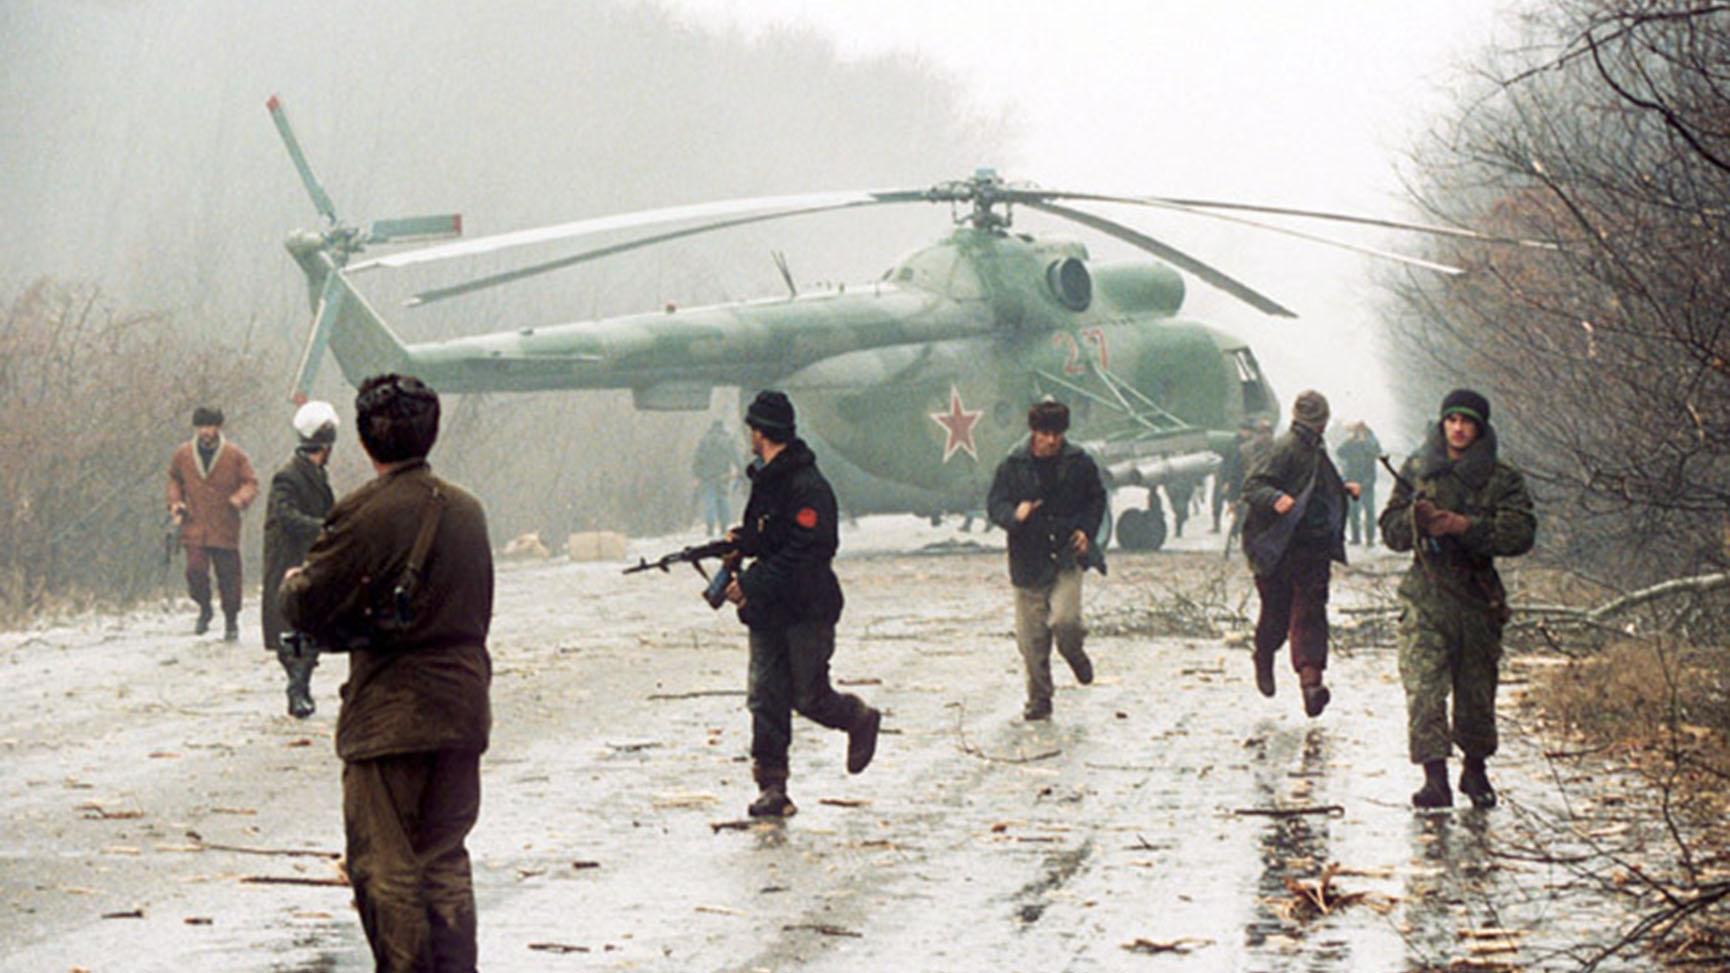 1994年第一次車臣戰爭是混合戰經典戰例。圖爲車臣戰士俘獲俄軍米-8直升機。(維基百科)